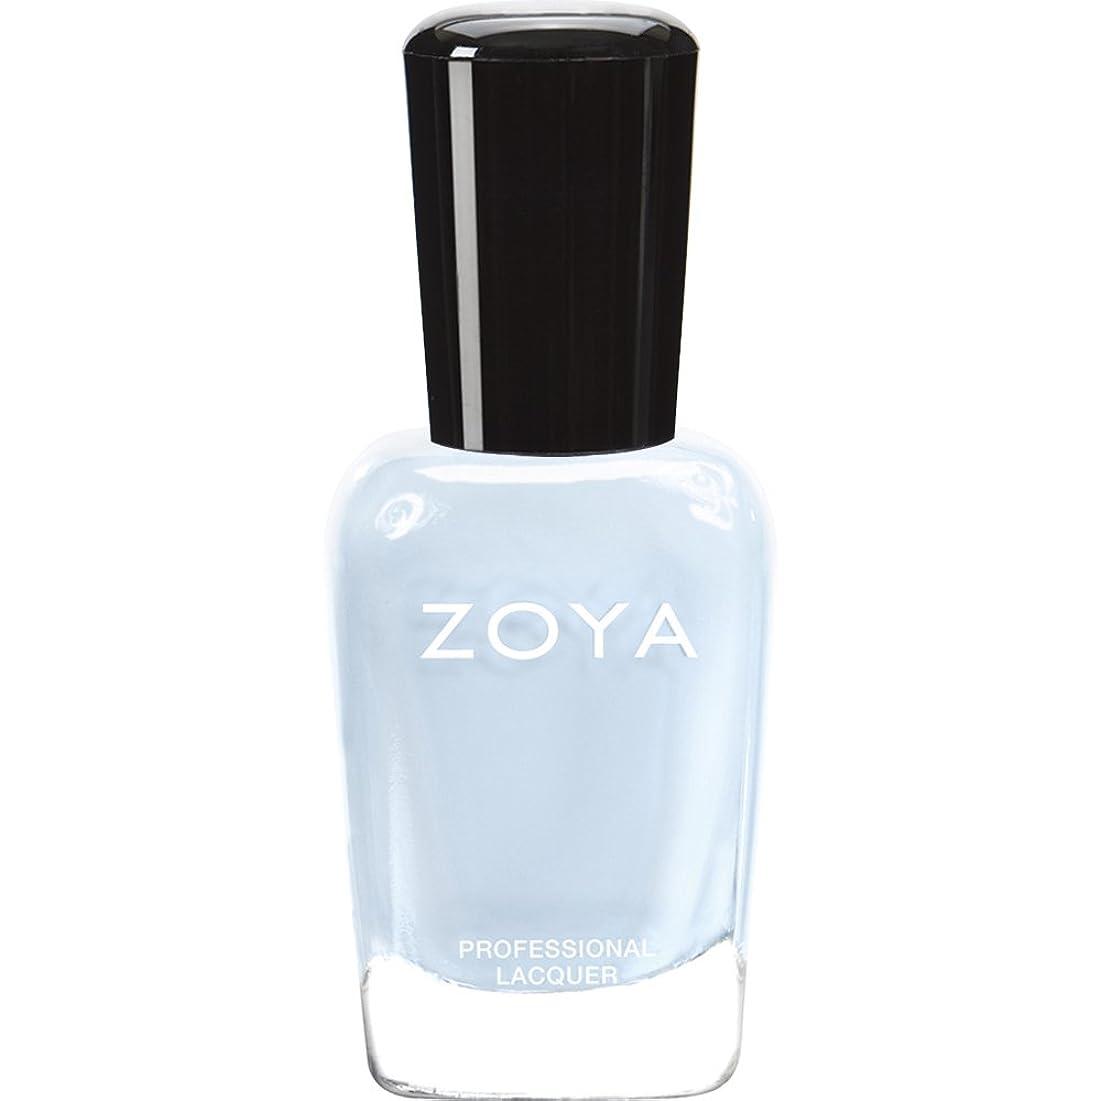 マークダーツ社会学ZOYA ゾーヤ ネイルカラー ZP653 BLU ブルー 15ml  2012 LOVELY COLLECTION 光沢のある淡いベビーブルー マット 爪にやさしいネイルラッカーマニキュア